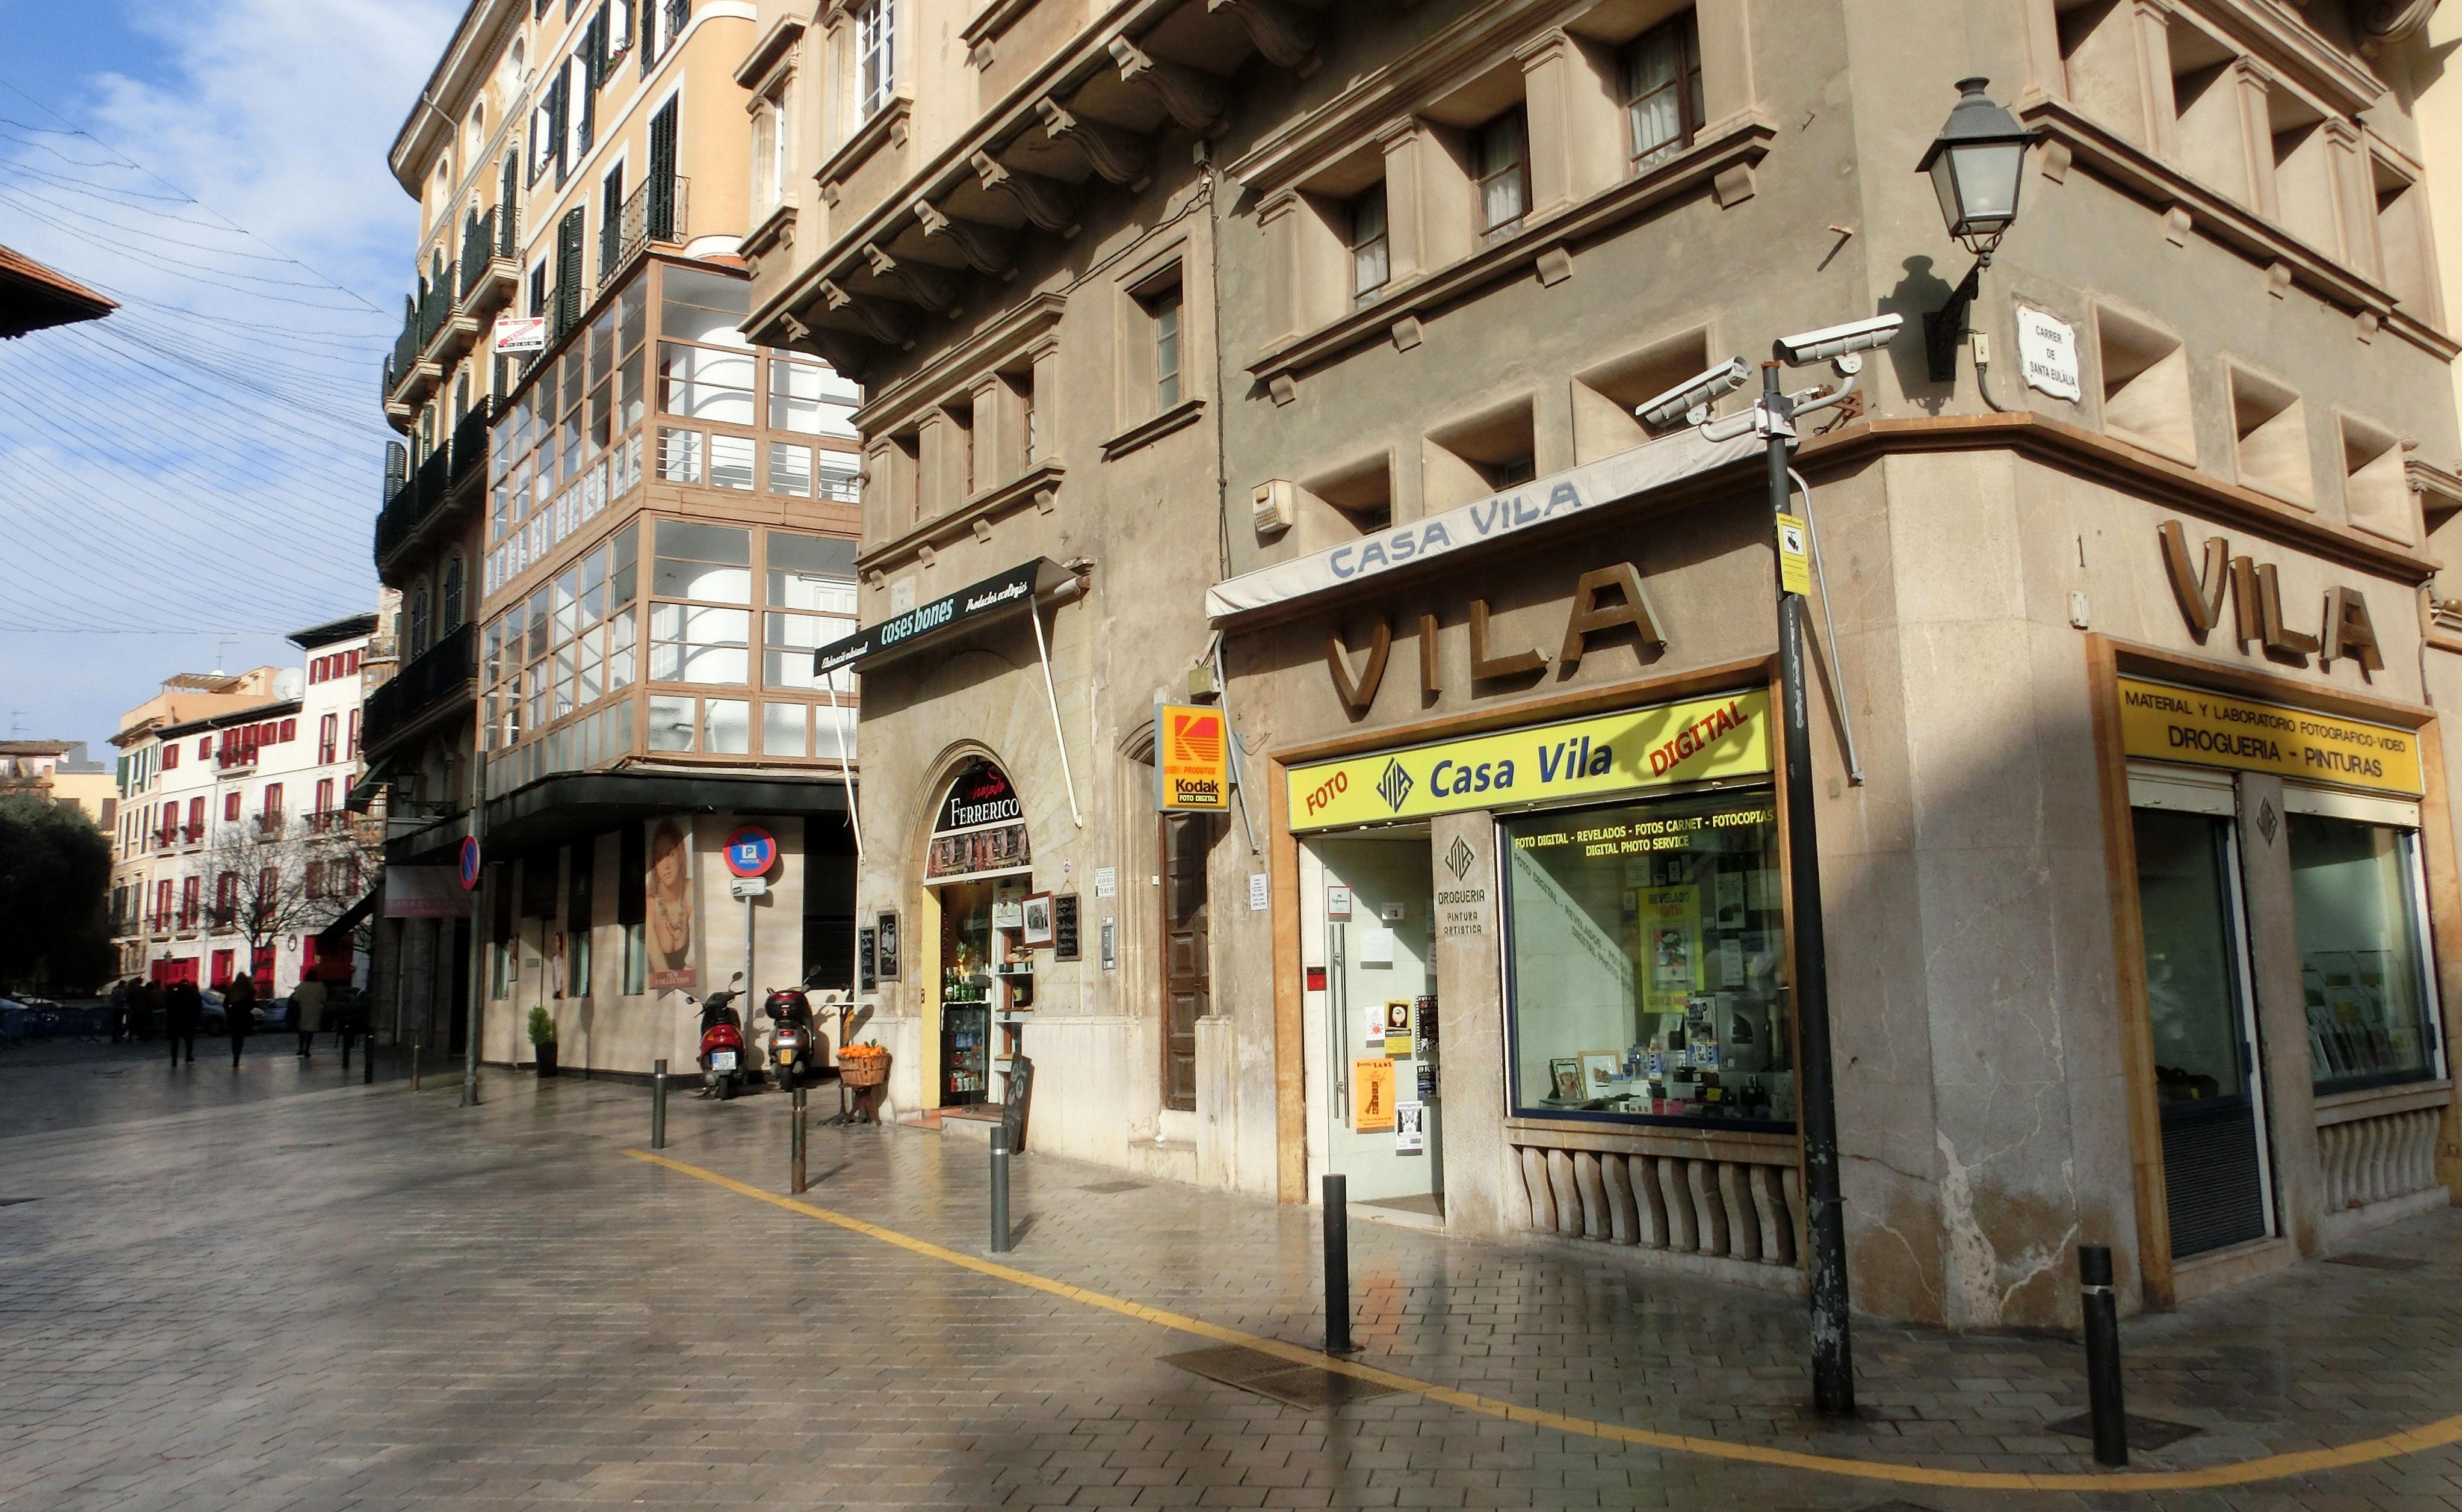 Foto 1 de Fotografía (tiendas) en Palma de Mallorca | Casa Vila